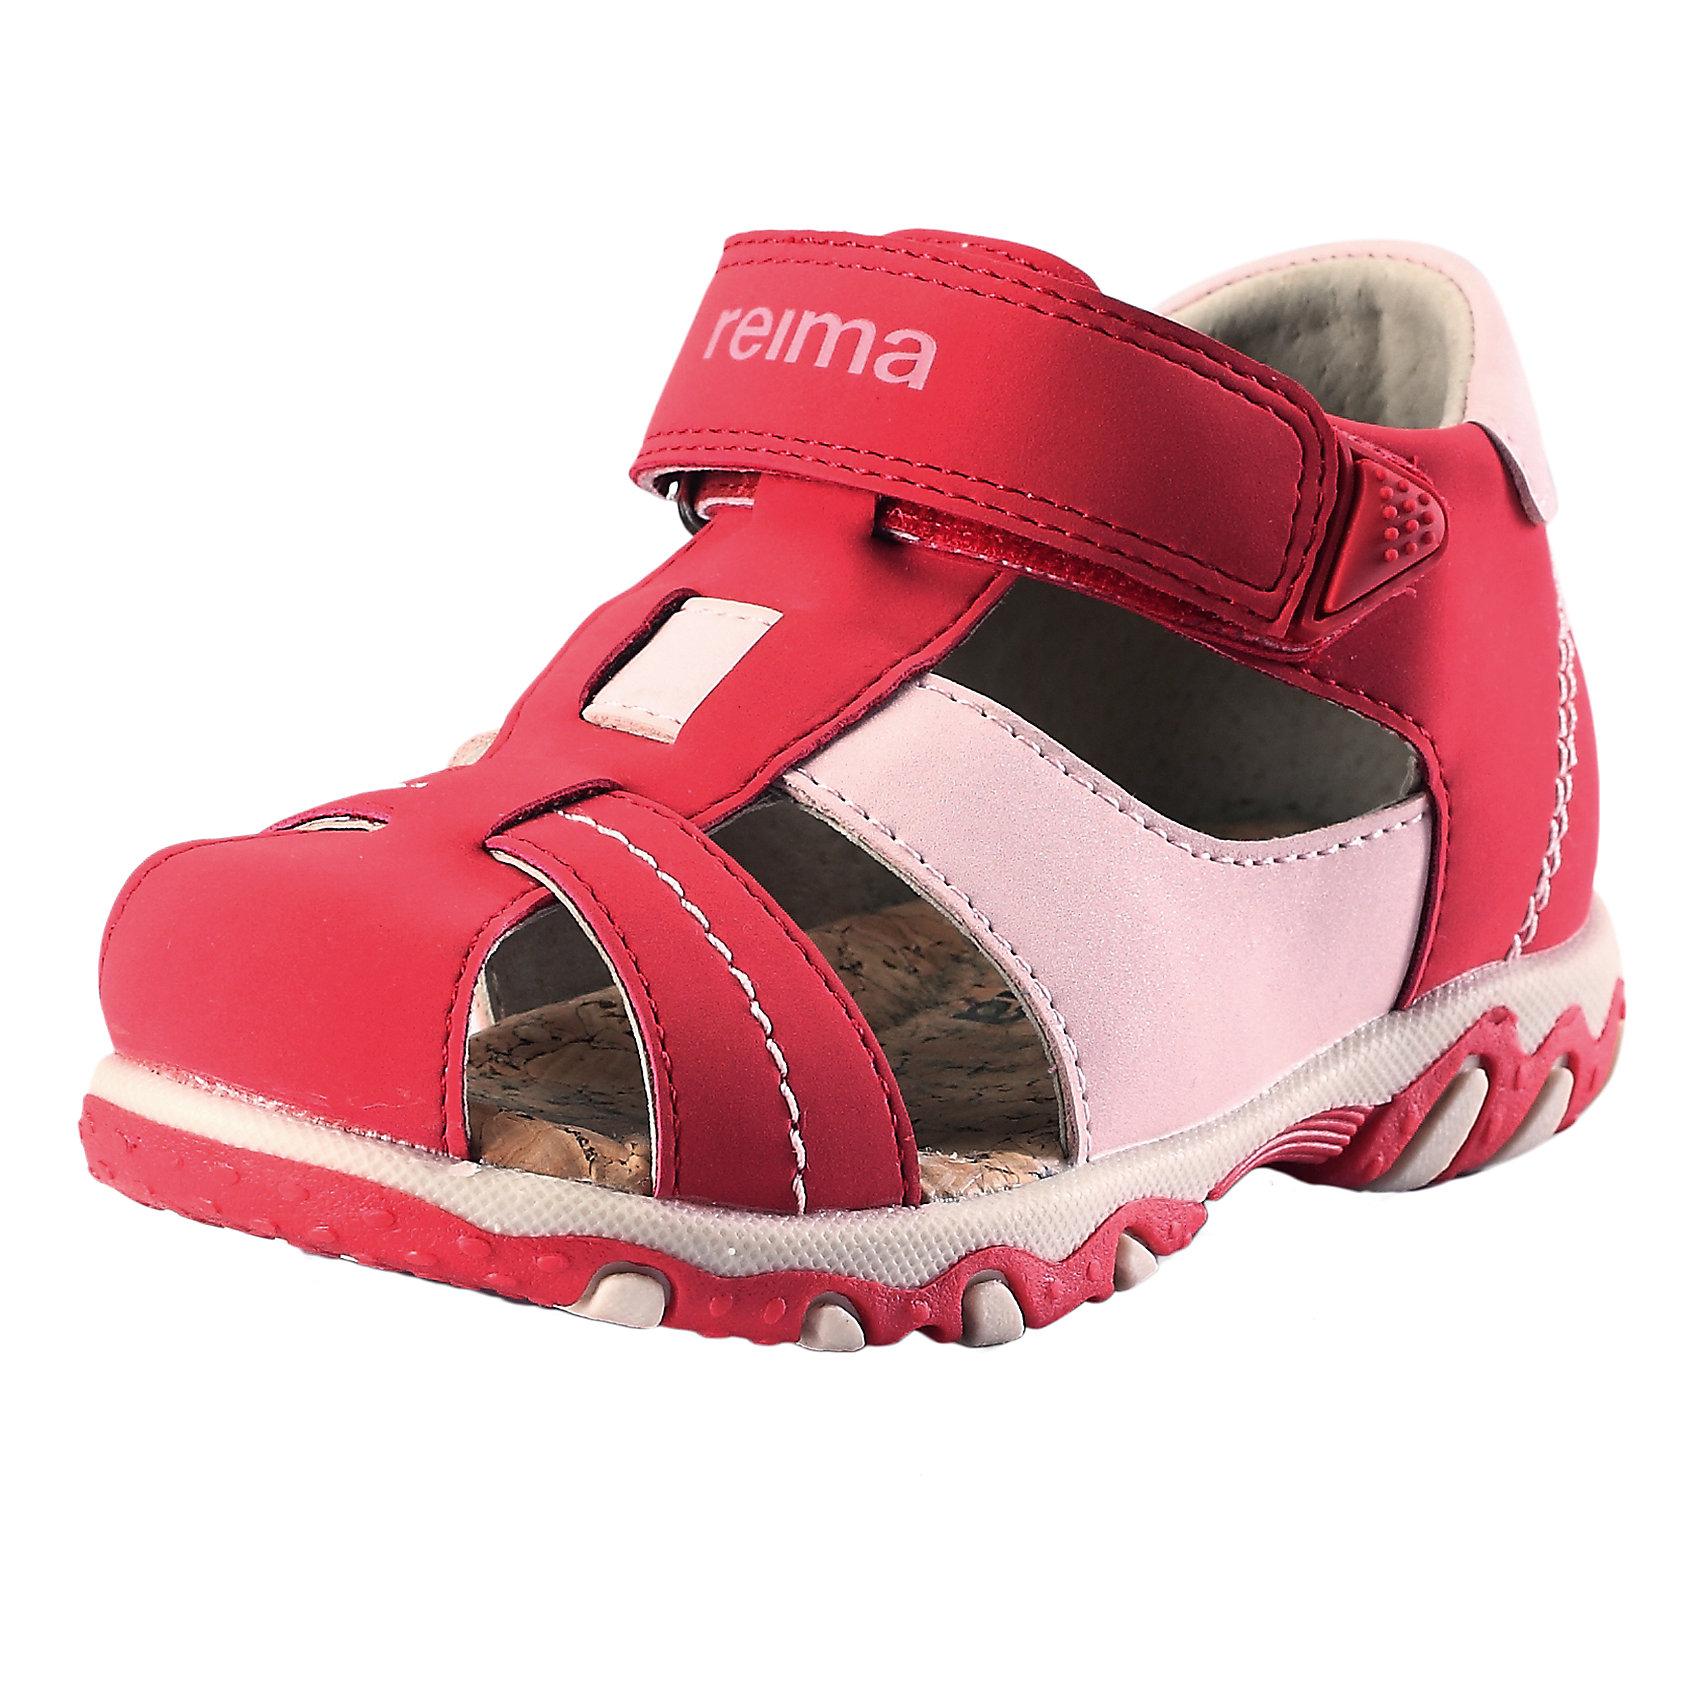 Сандалии для девочки ReimaСандалии  от финского бренда Reima<br>Сандалии для детей и малышей. Верх из синтетического материала. Подошва из термопластичного каучука обеспечивает хорошее сцепление с поверхностью. Подкладка из натуральной кожи. Эргономичная и приятная на ощупь стелька из пробки. Сандалии для малышей, которые только начинают ходить. Застежки на липучках обеспечивают простоту использования.<br>Состав:<br>Подошва: Термопластичная резина, Верх: ПУ<br><br>Уход:<br>Храните обувь в вертикальном положении при комнатной температуре. Сушить обувь всегда следует при комнатной температуре: вынув съемные стельки. Стельки следует время от времени заменять на новые. Налипшую грязь можно счищать щеткой или влажной тряпкой. Перед использованием обувь рекомендуется обрабатывать специальными защитными средствами.<br><br>Ширина мм: 219<br>Глубина мм: 154<br>Высота мм: 121<br>Вес г: 343<br>Цвет: розовый<br>Возраст от месяцев: 24<br>Возраст до месяцев: 36<br>Пол: Женский<br>Возраст: Детский<br>Размер: 26,27,25,24,23,22,21,20<br>SKU: 5267304